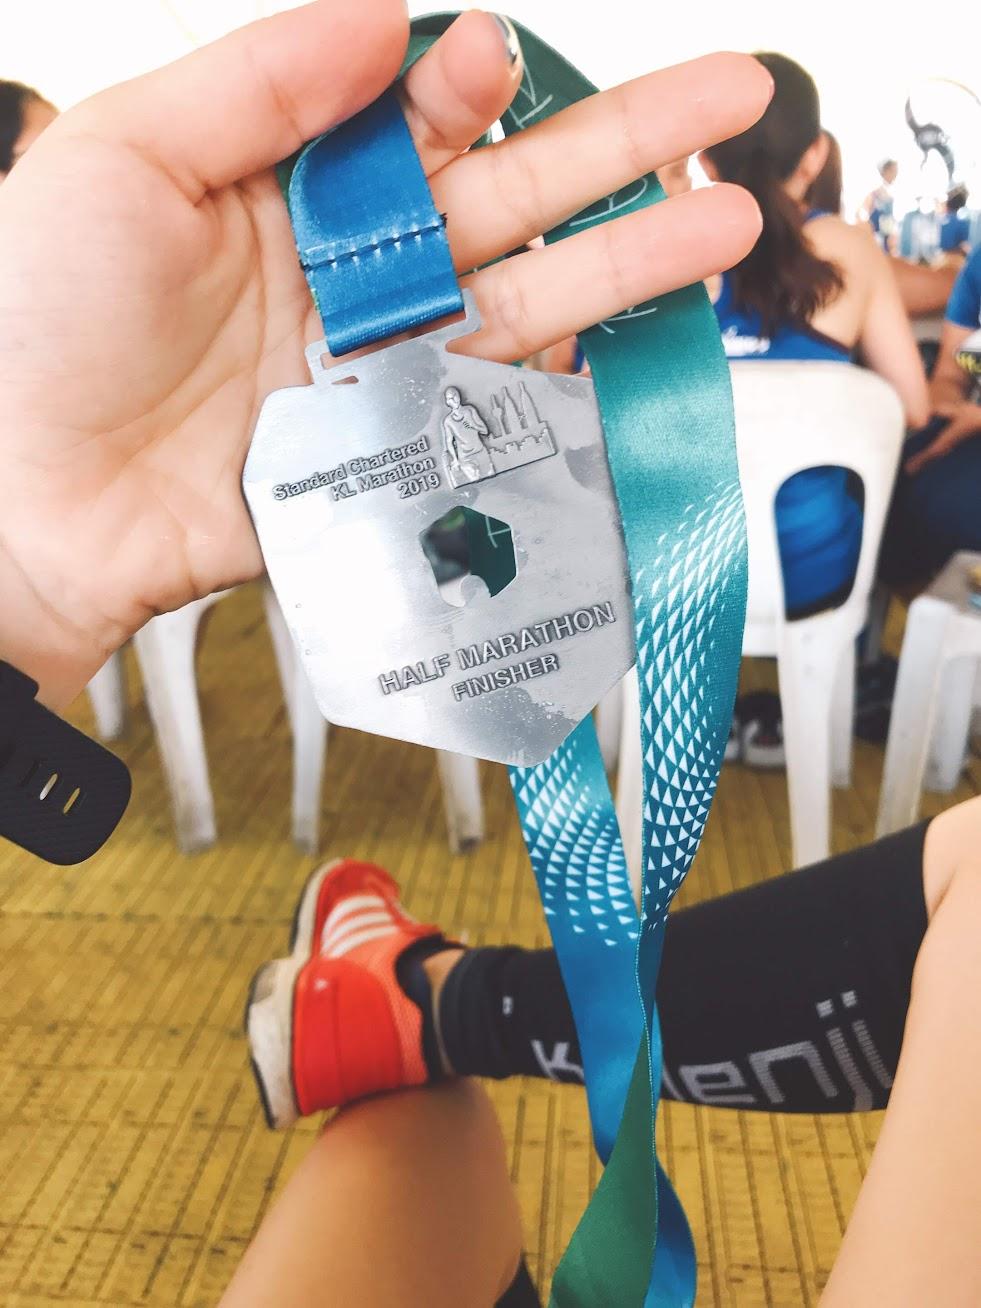 KLSCM 2019 | Half Marathon | iamkahmon